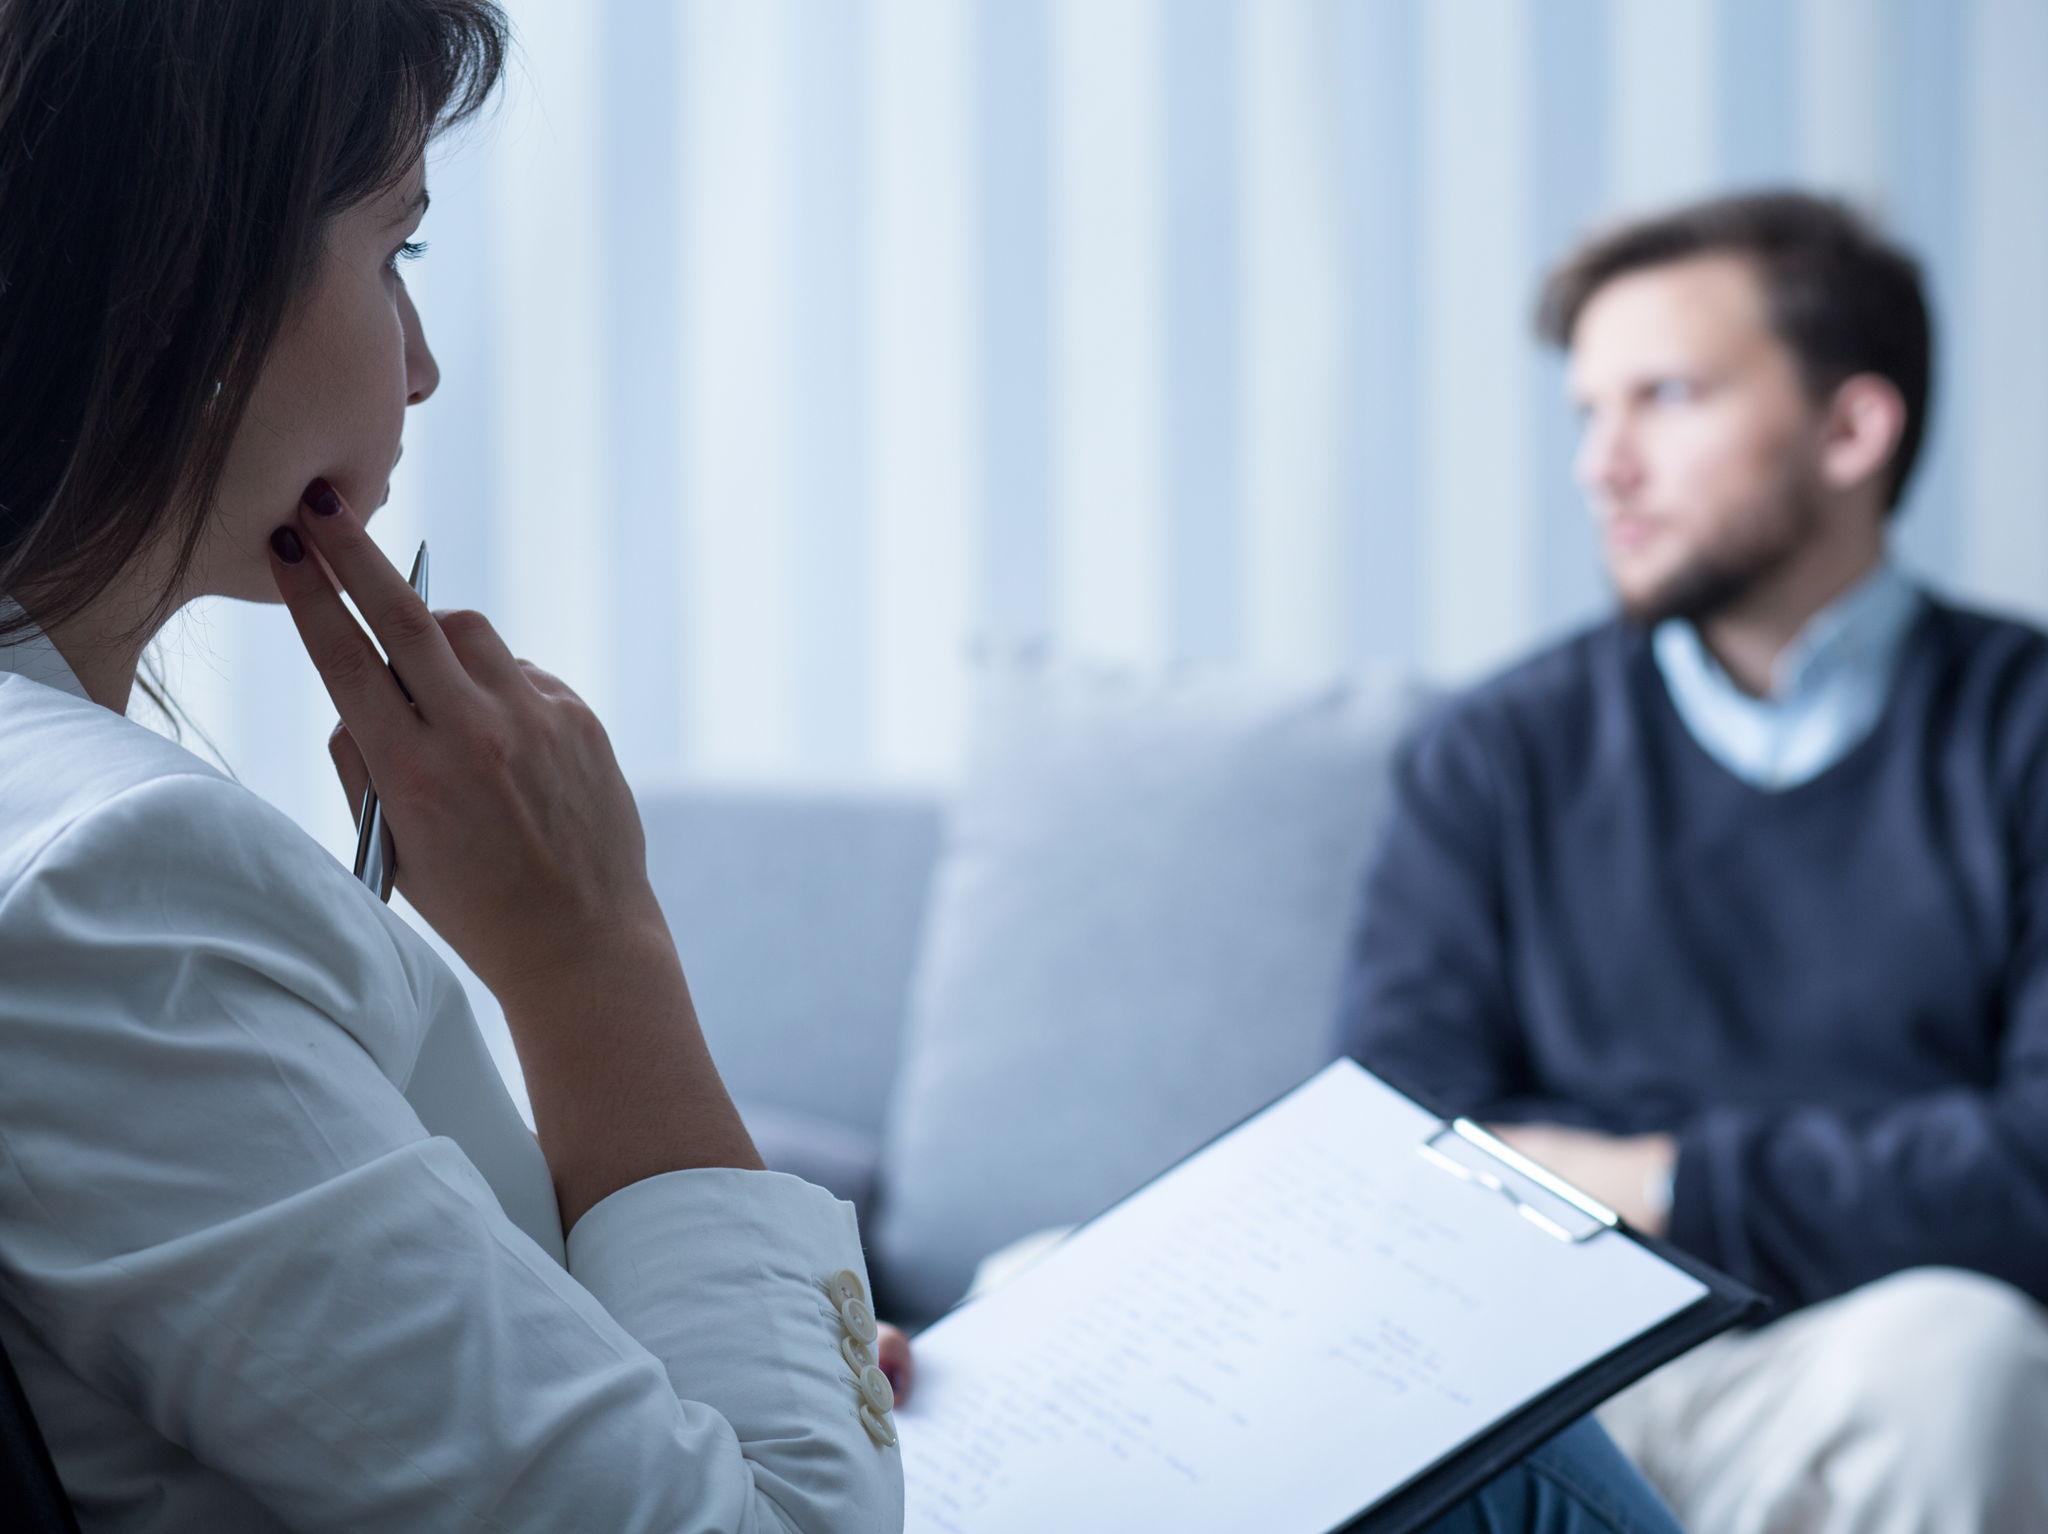 Una terapeuta e un paziente durante una seduta di psicoterapia